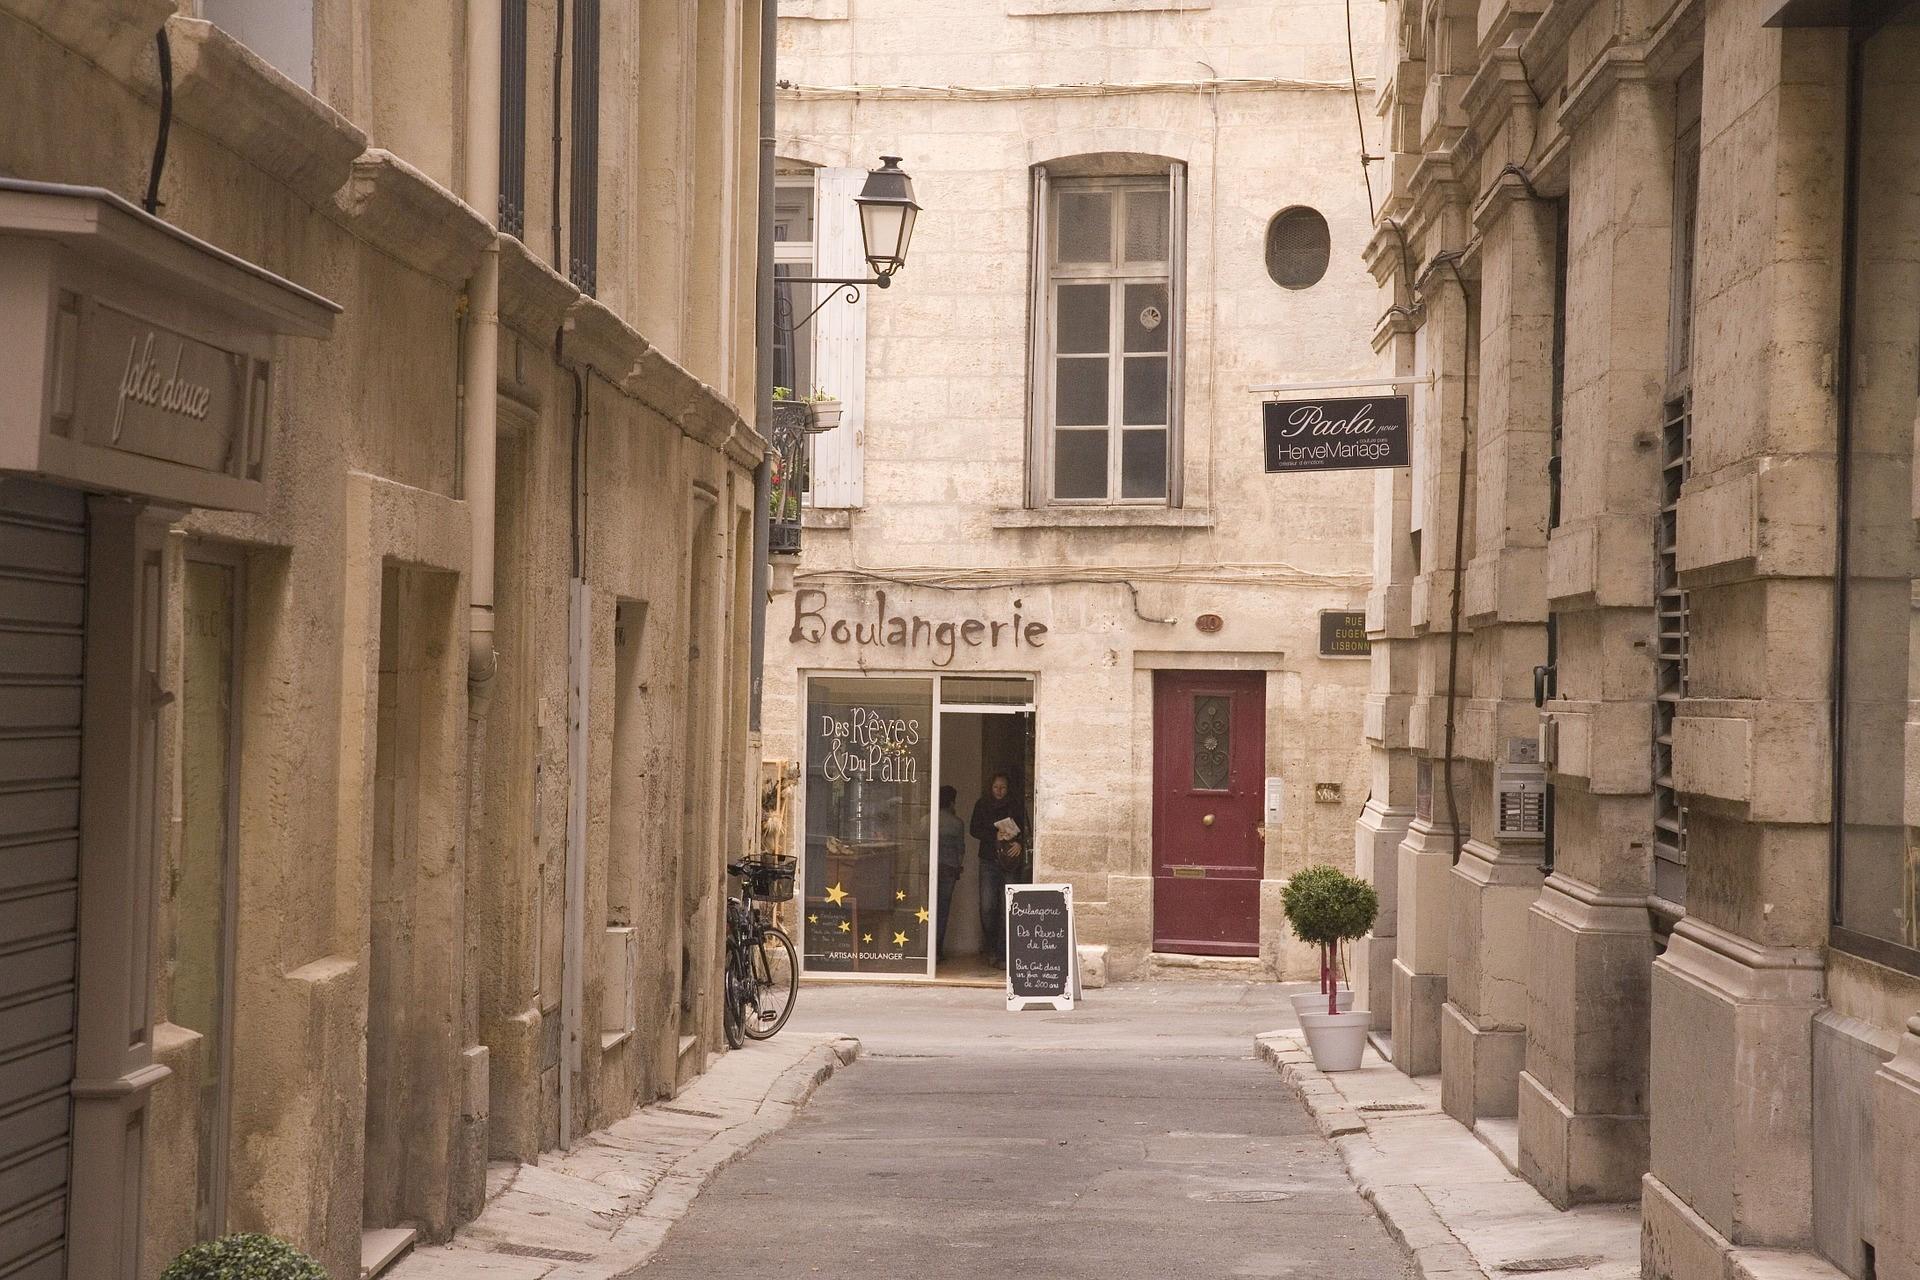 Hoe beland je in Montpellier